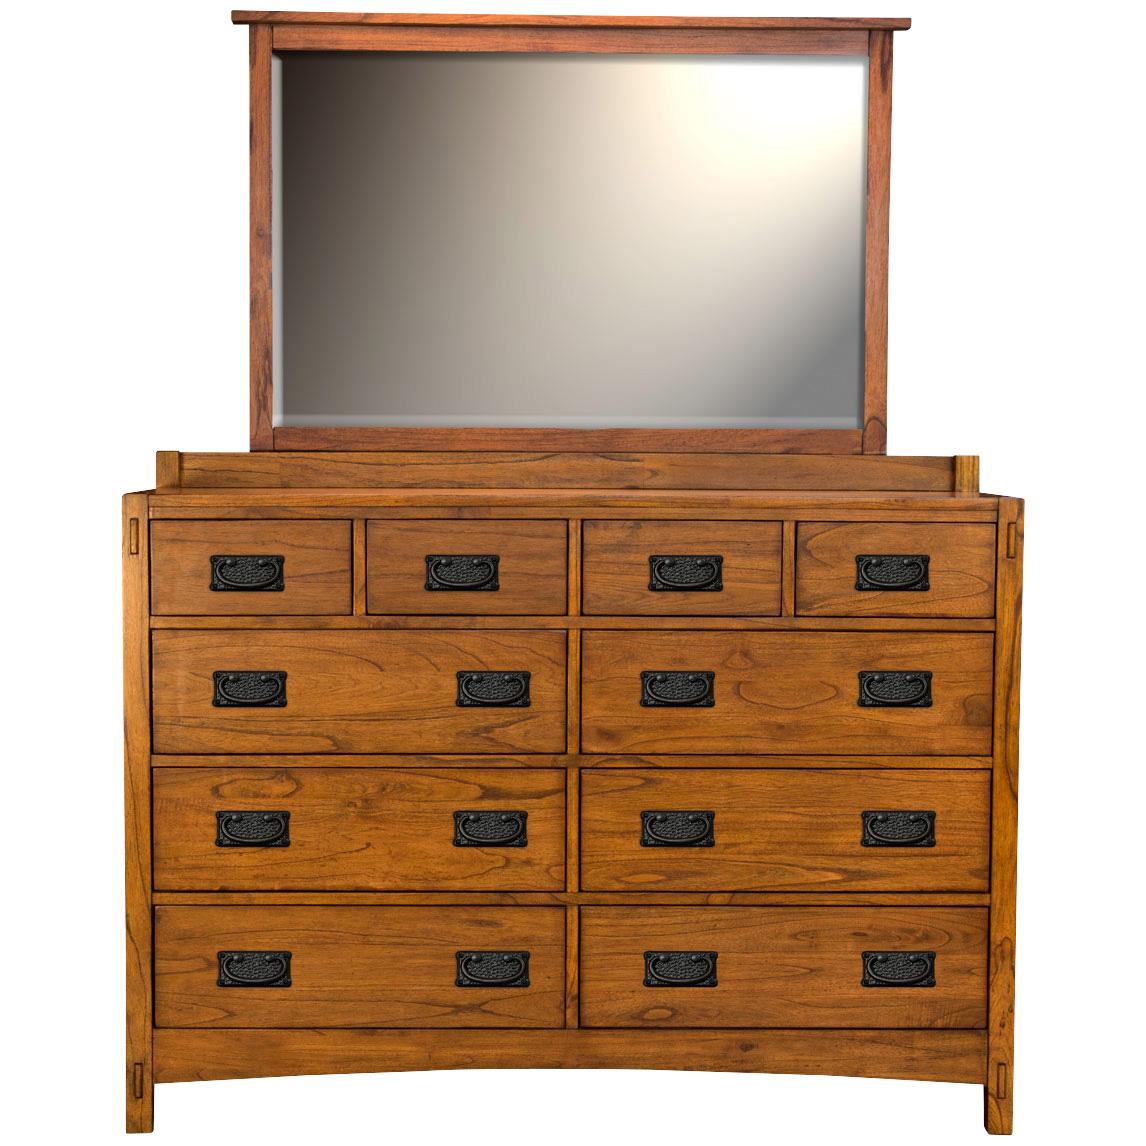 A America | Mission Hills Harvest Oak Dresser